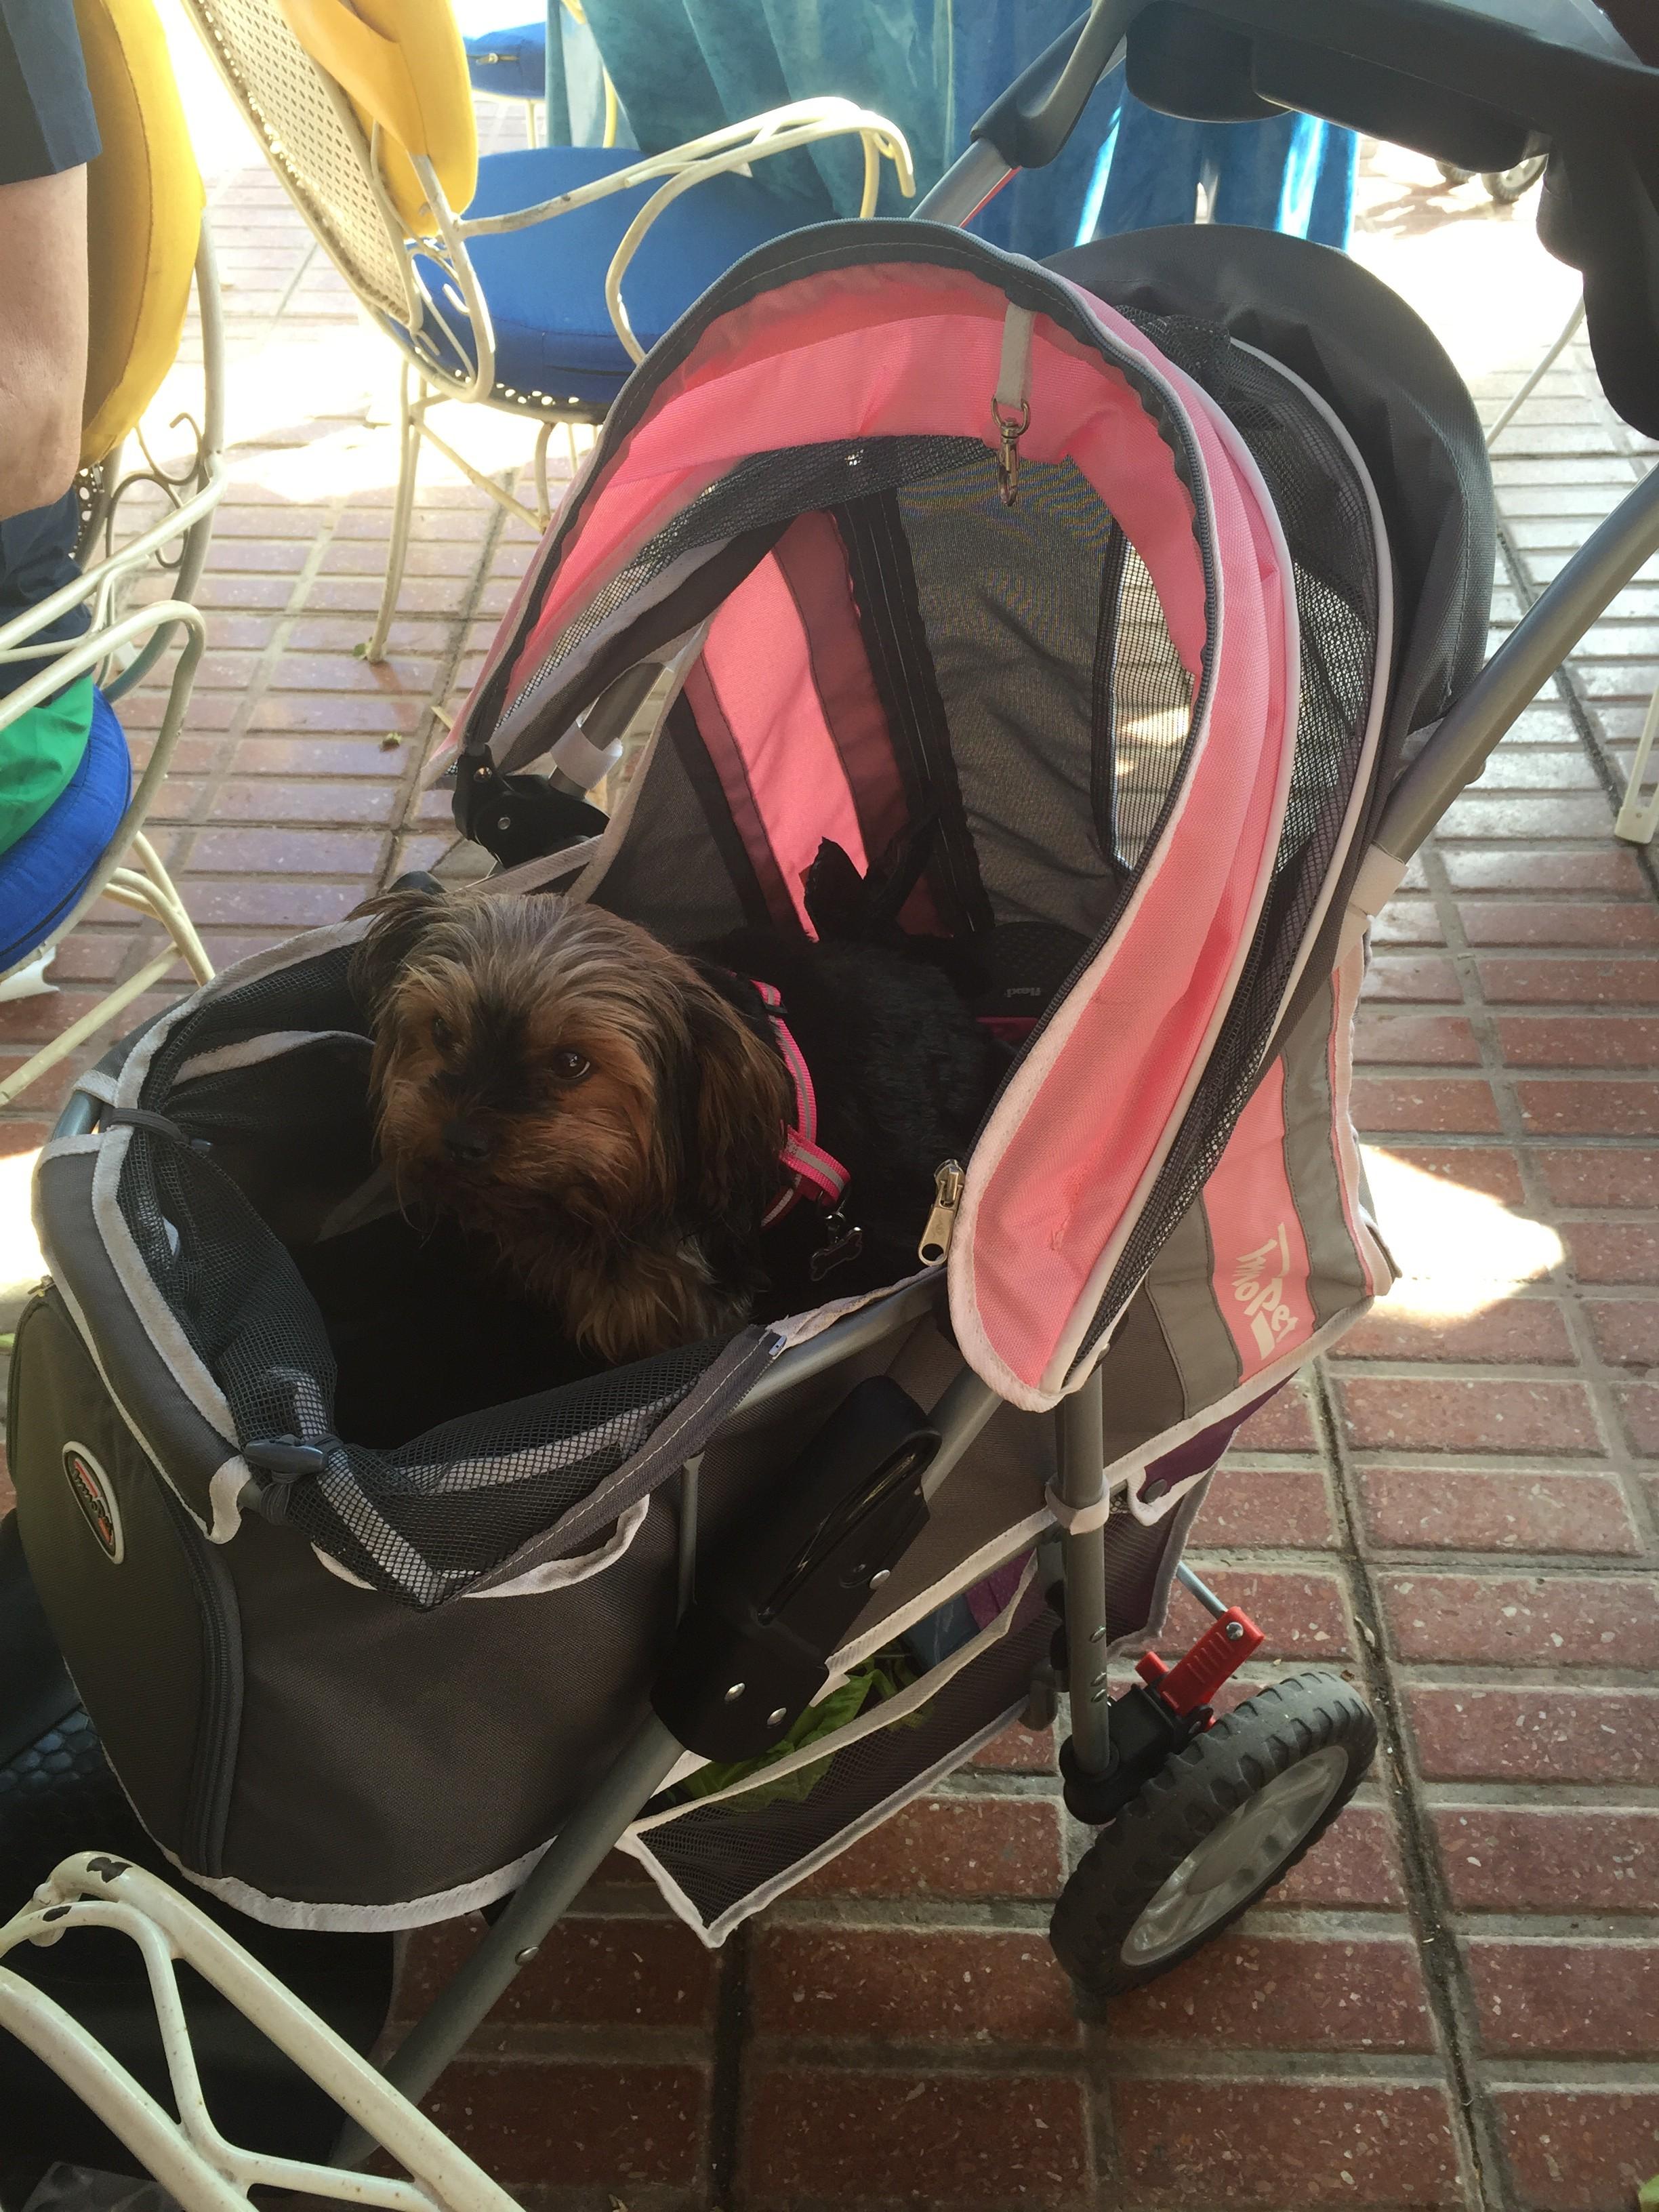 Finns ett nät som man kan stänga om vagnen, vilket gör den rymningssäker. Hunden hette Emelie.